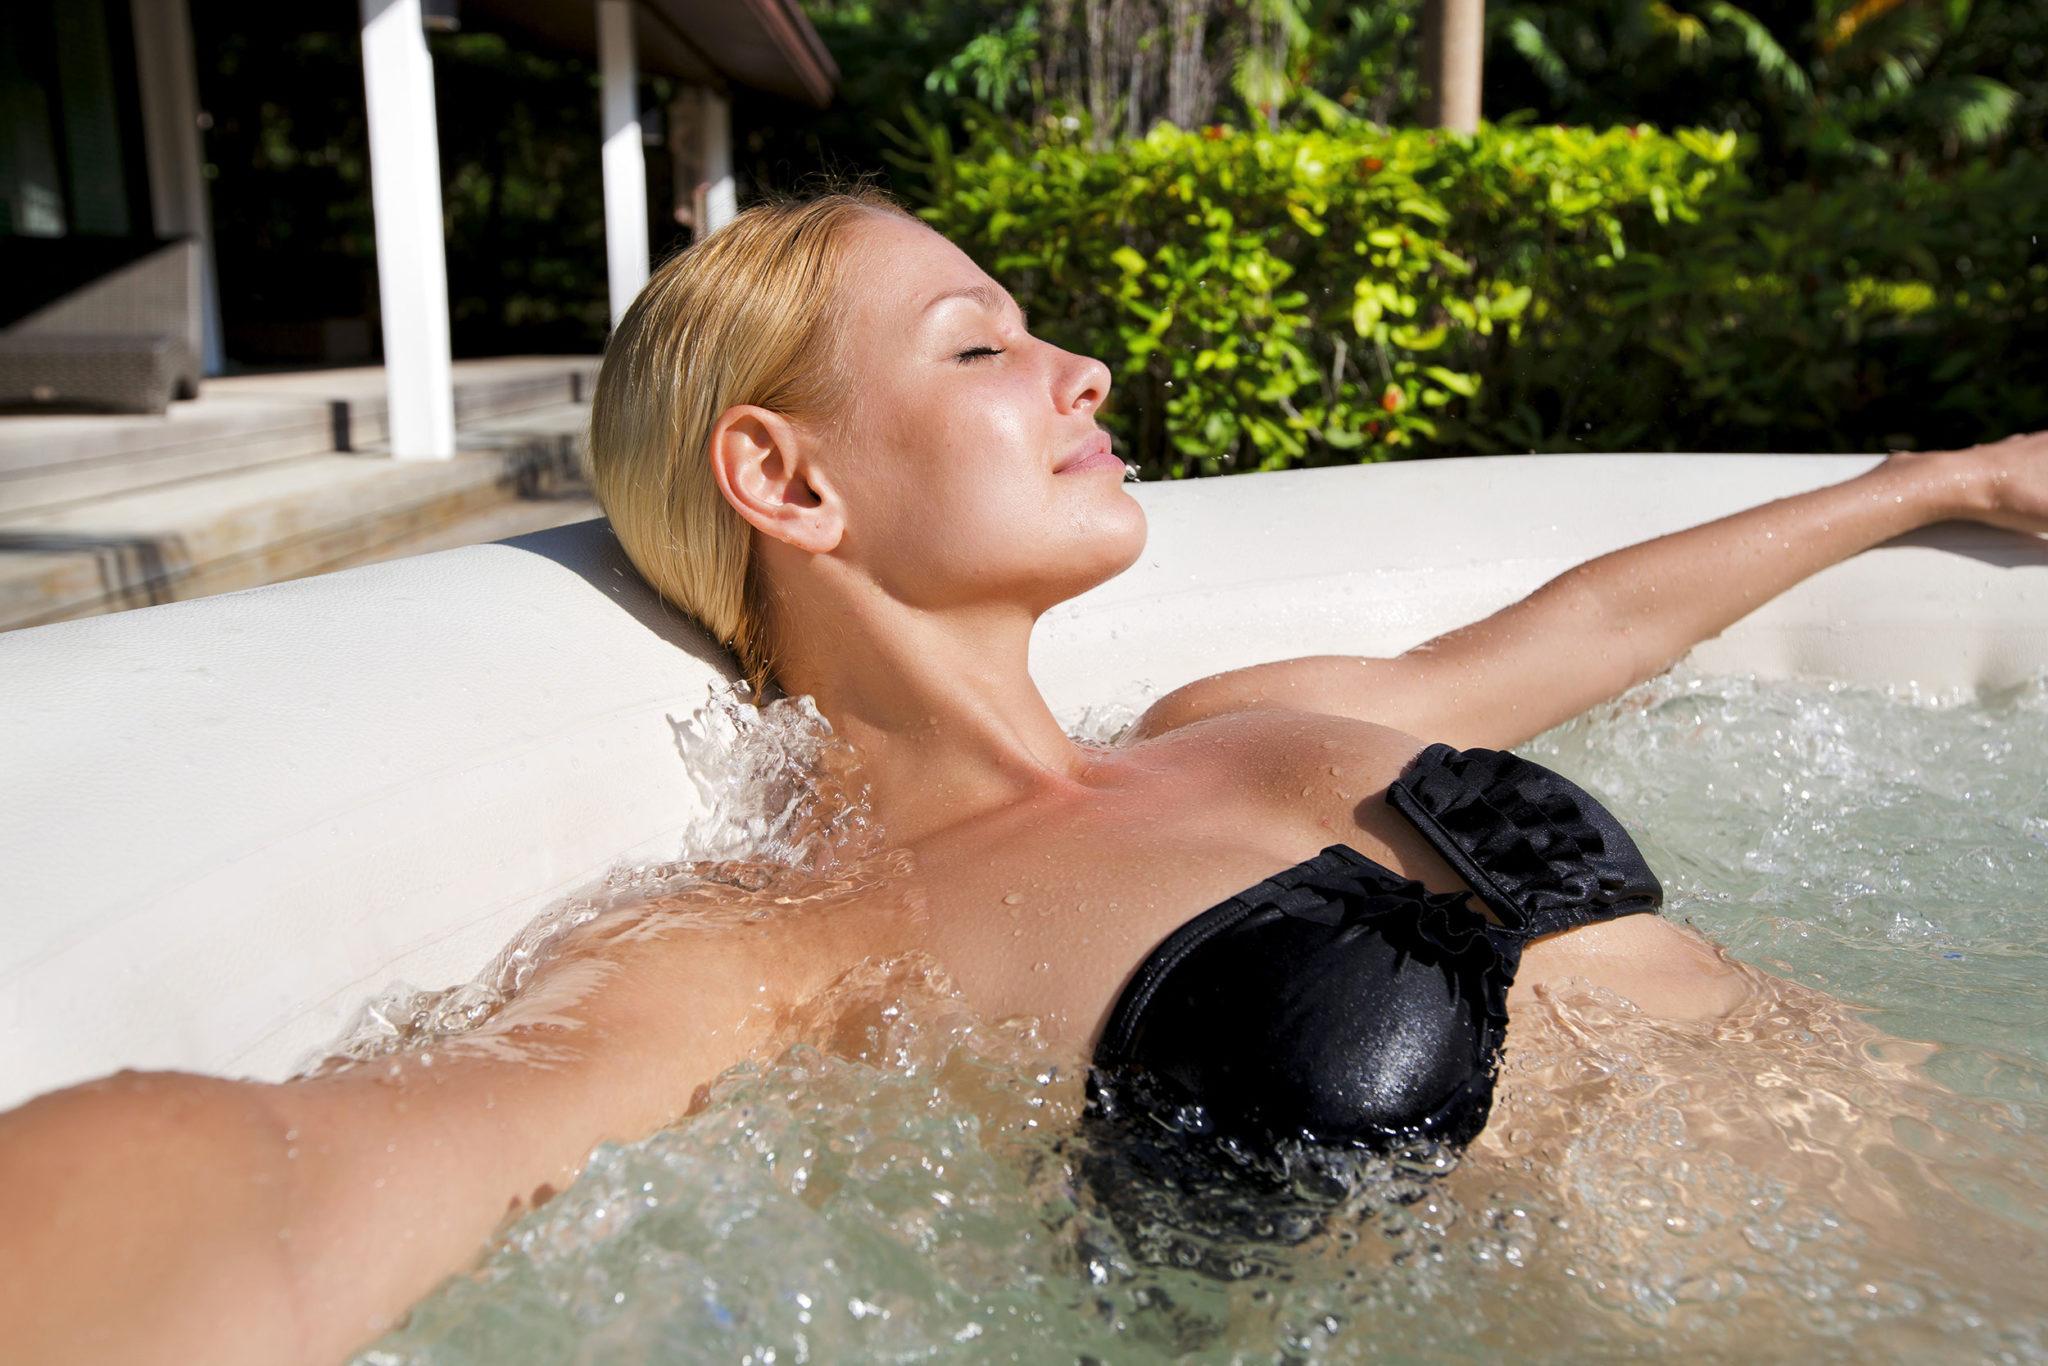 Quels sont les bienfaits de l'hydromassage contre la cellulite